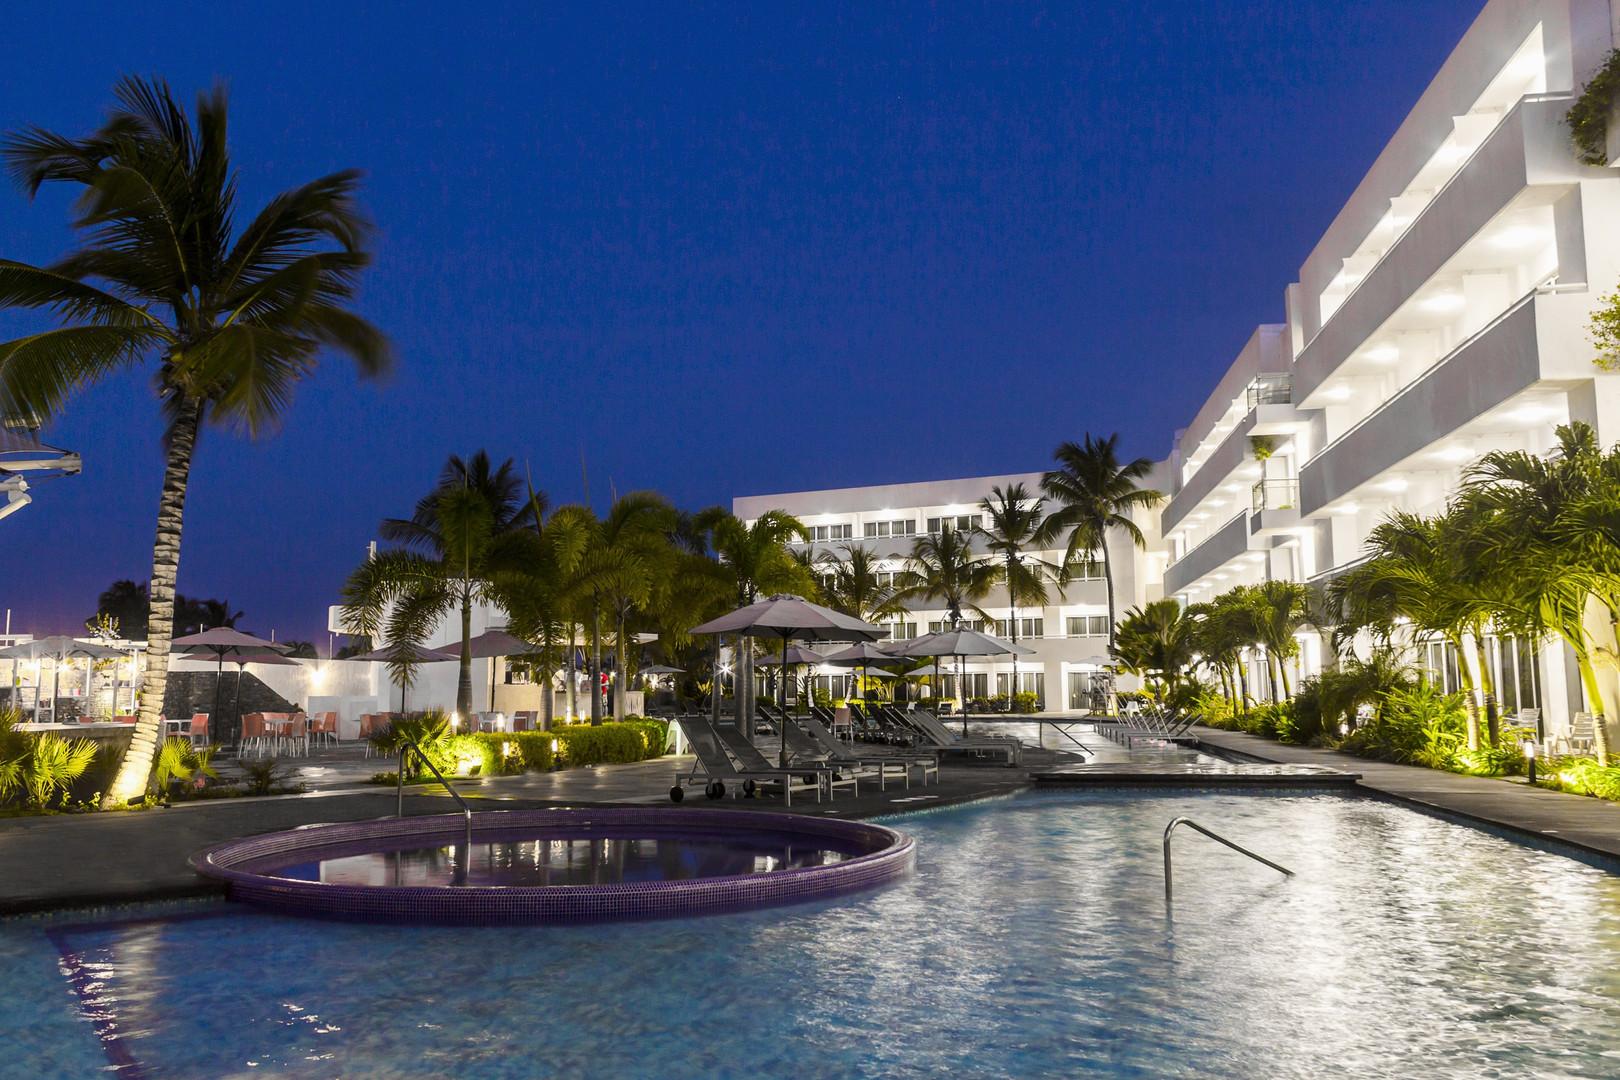 ld plus palm beach 0-min.jpg